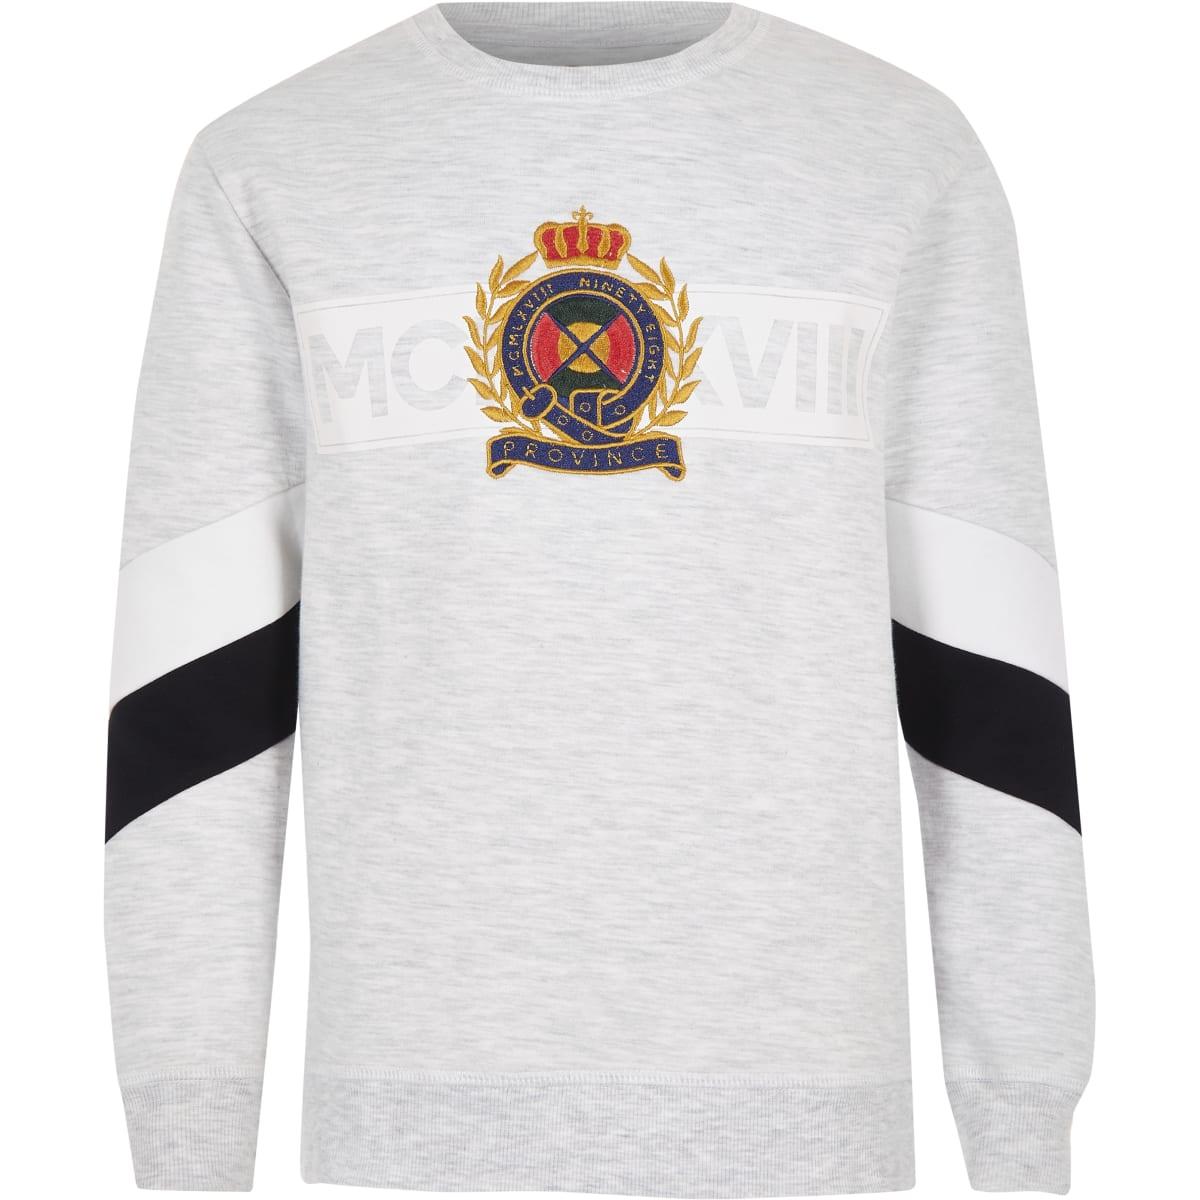 Grijs gemêleerd sweatshirt met paneel voor jongens